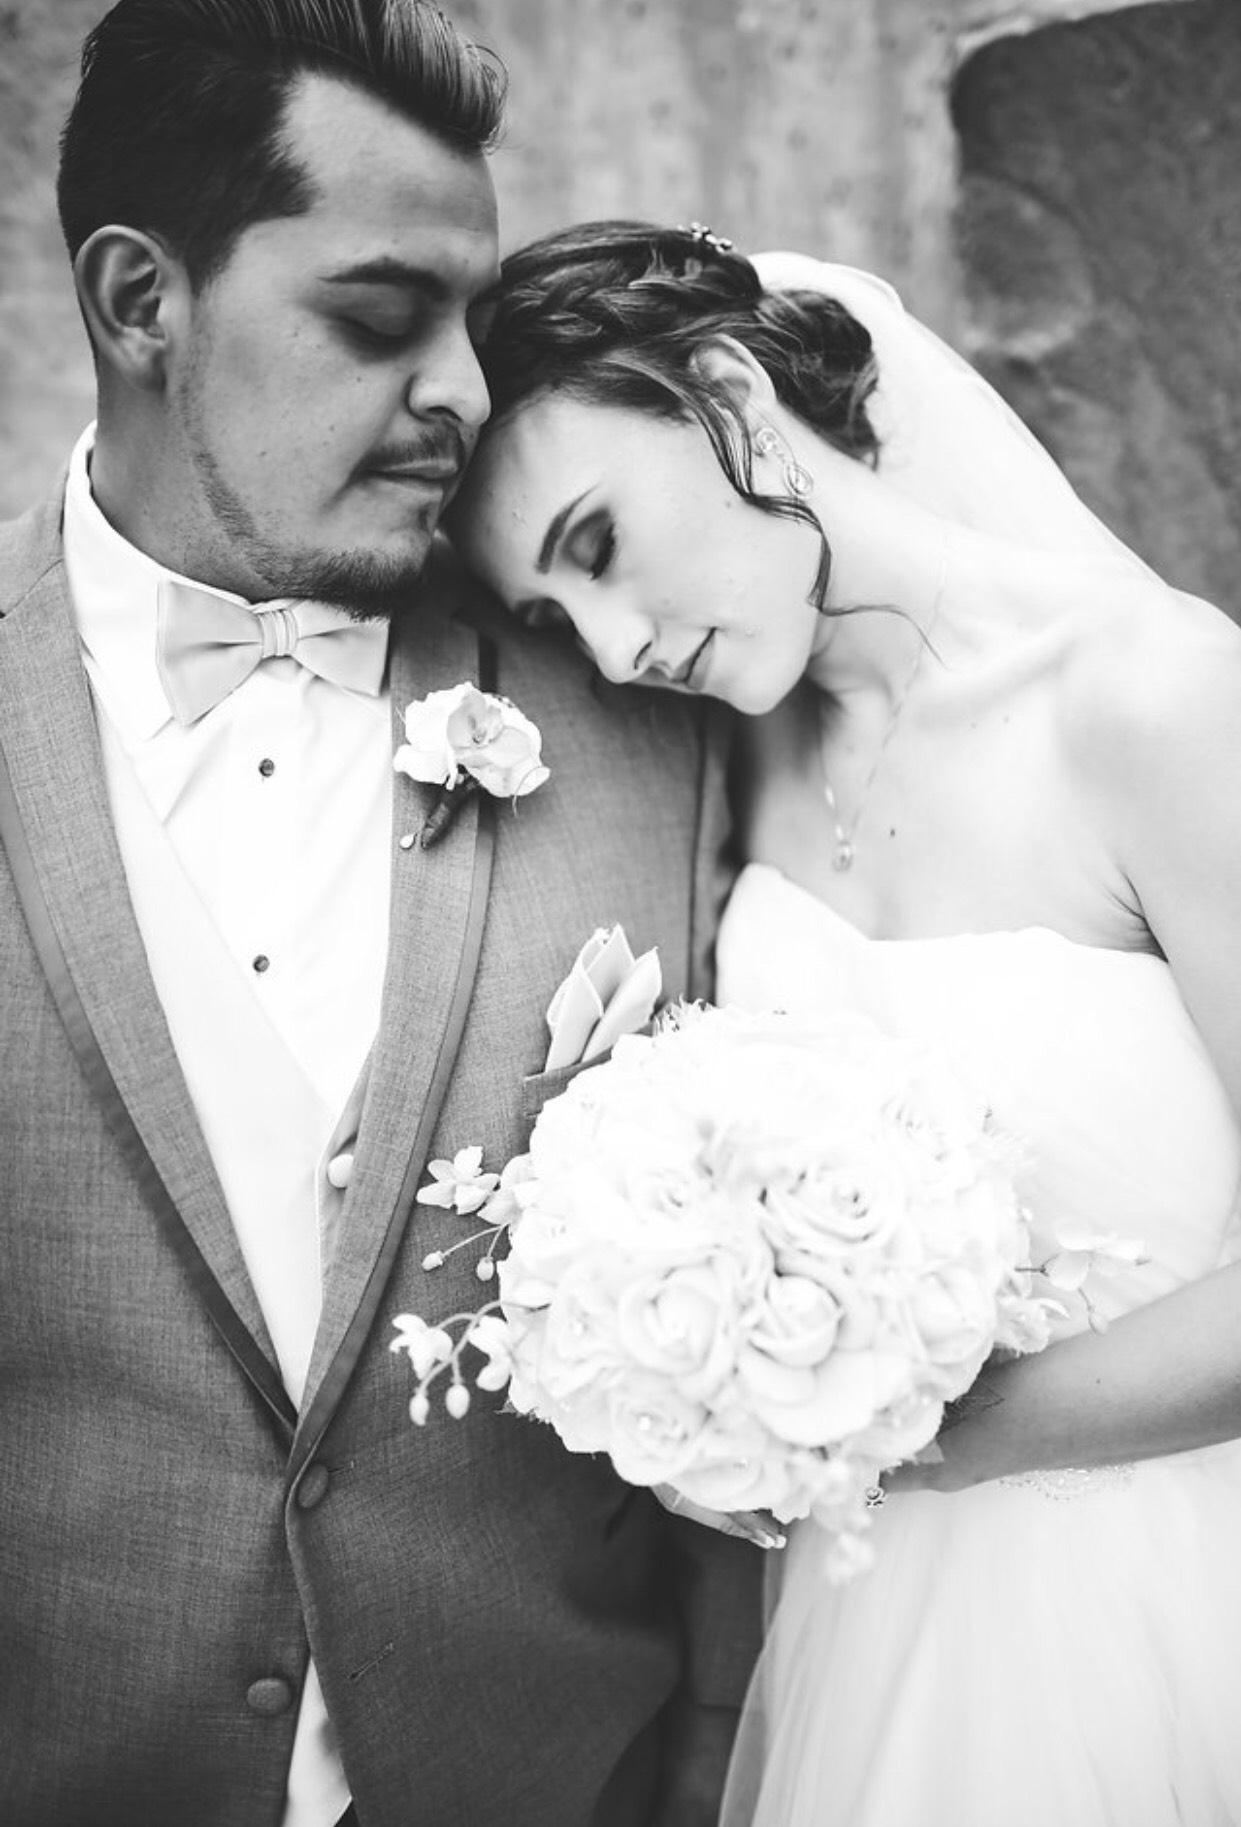 Denver-wedding-hairstylist-braiding-and-updo-specialist